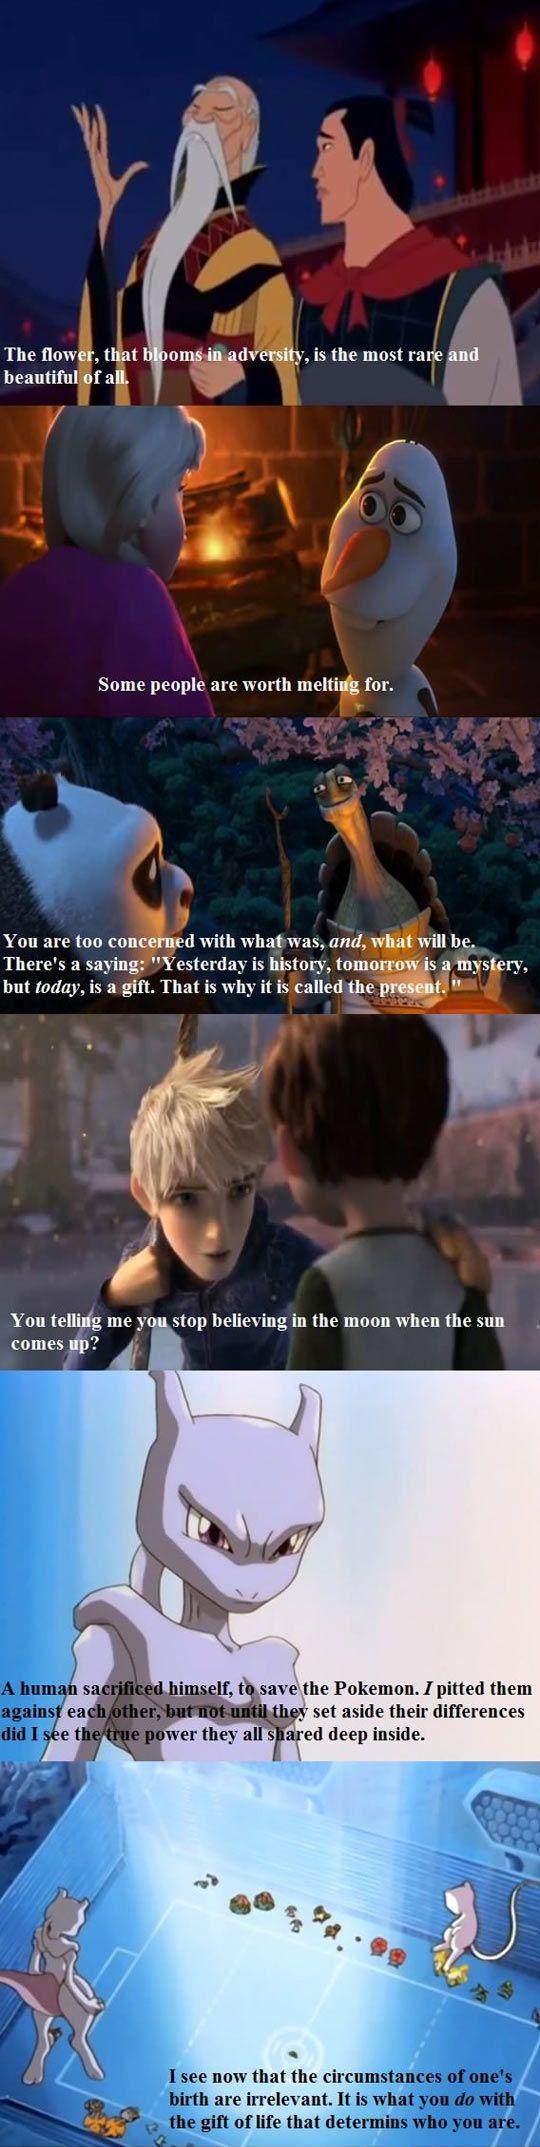 funny-kids-movies-quotes-Kung-Fu-Panda-Mulan